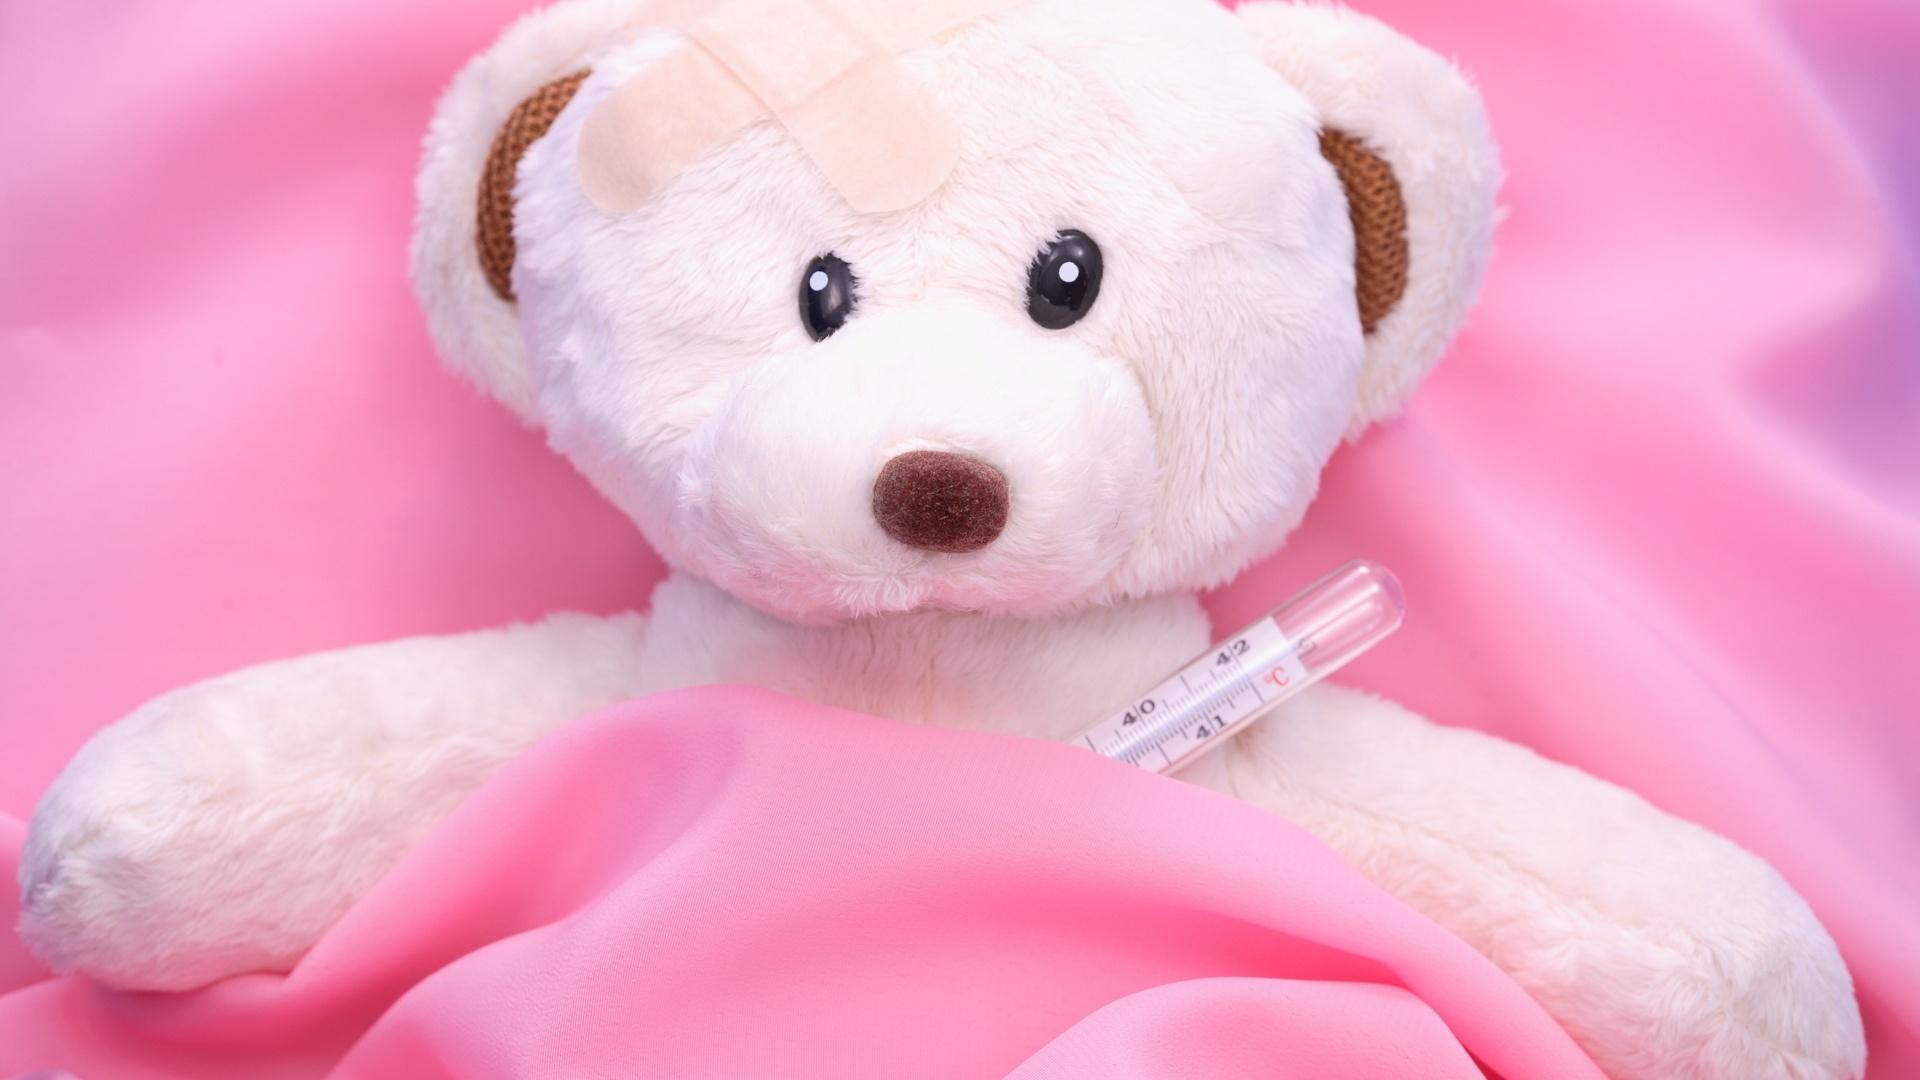 Teddy Bear Desktop Wallpaper